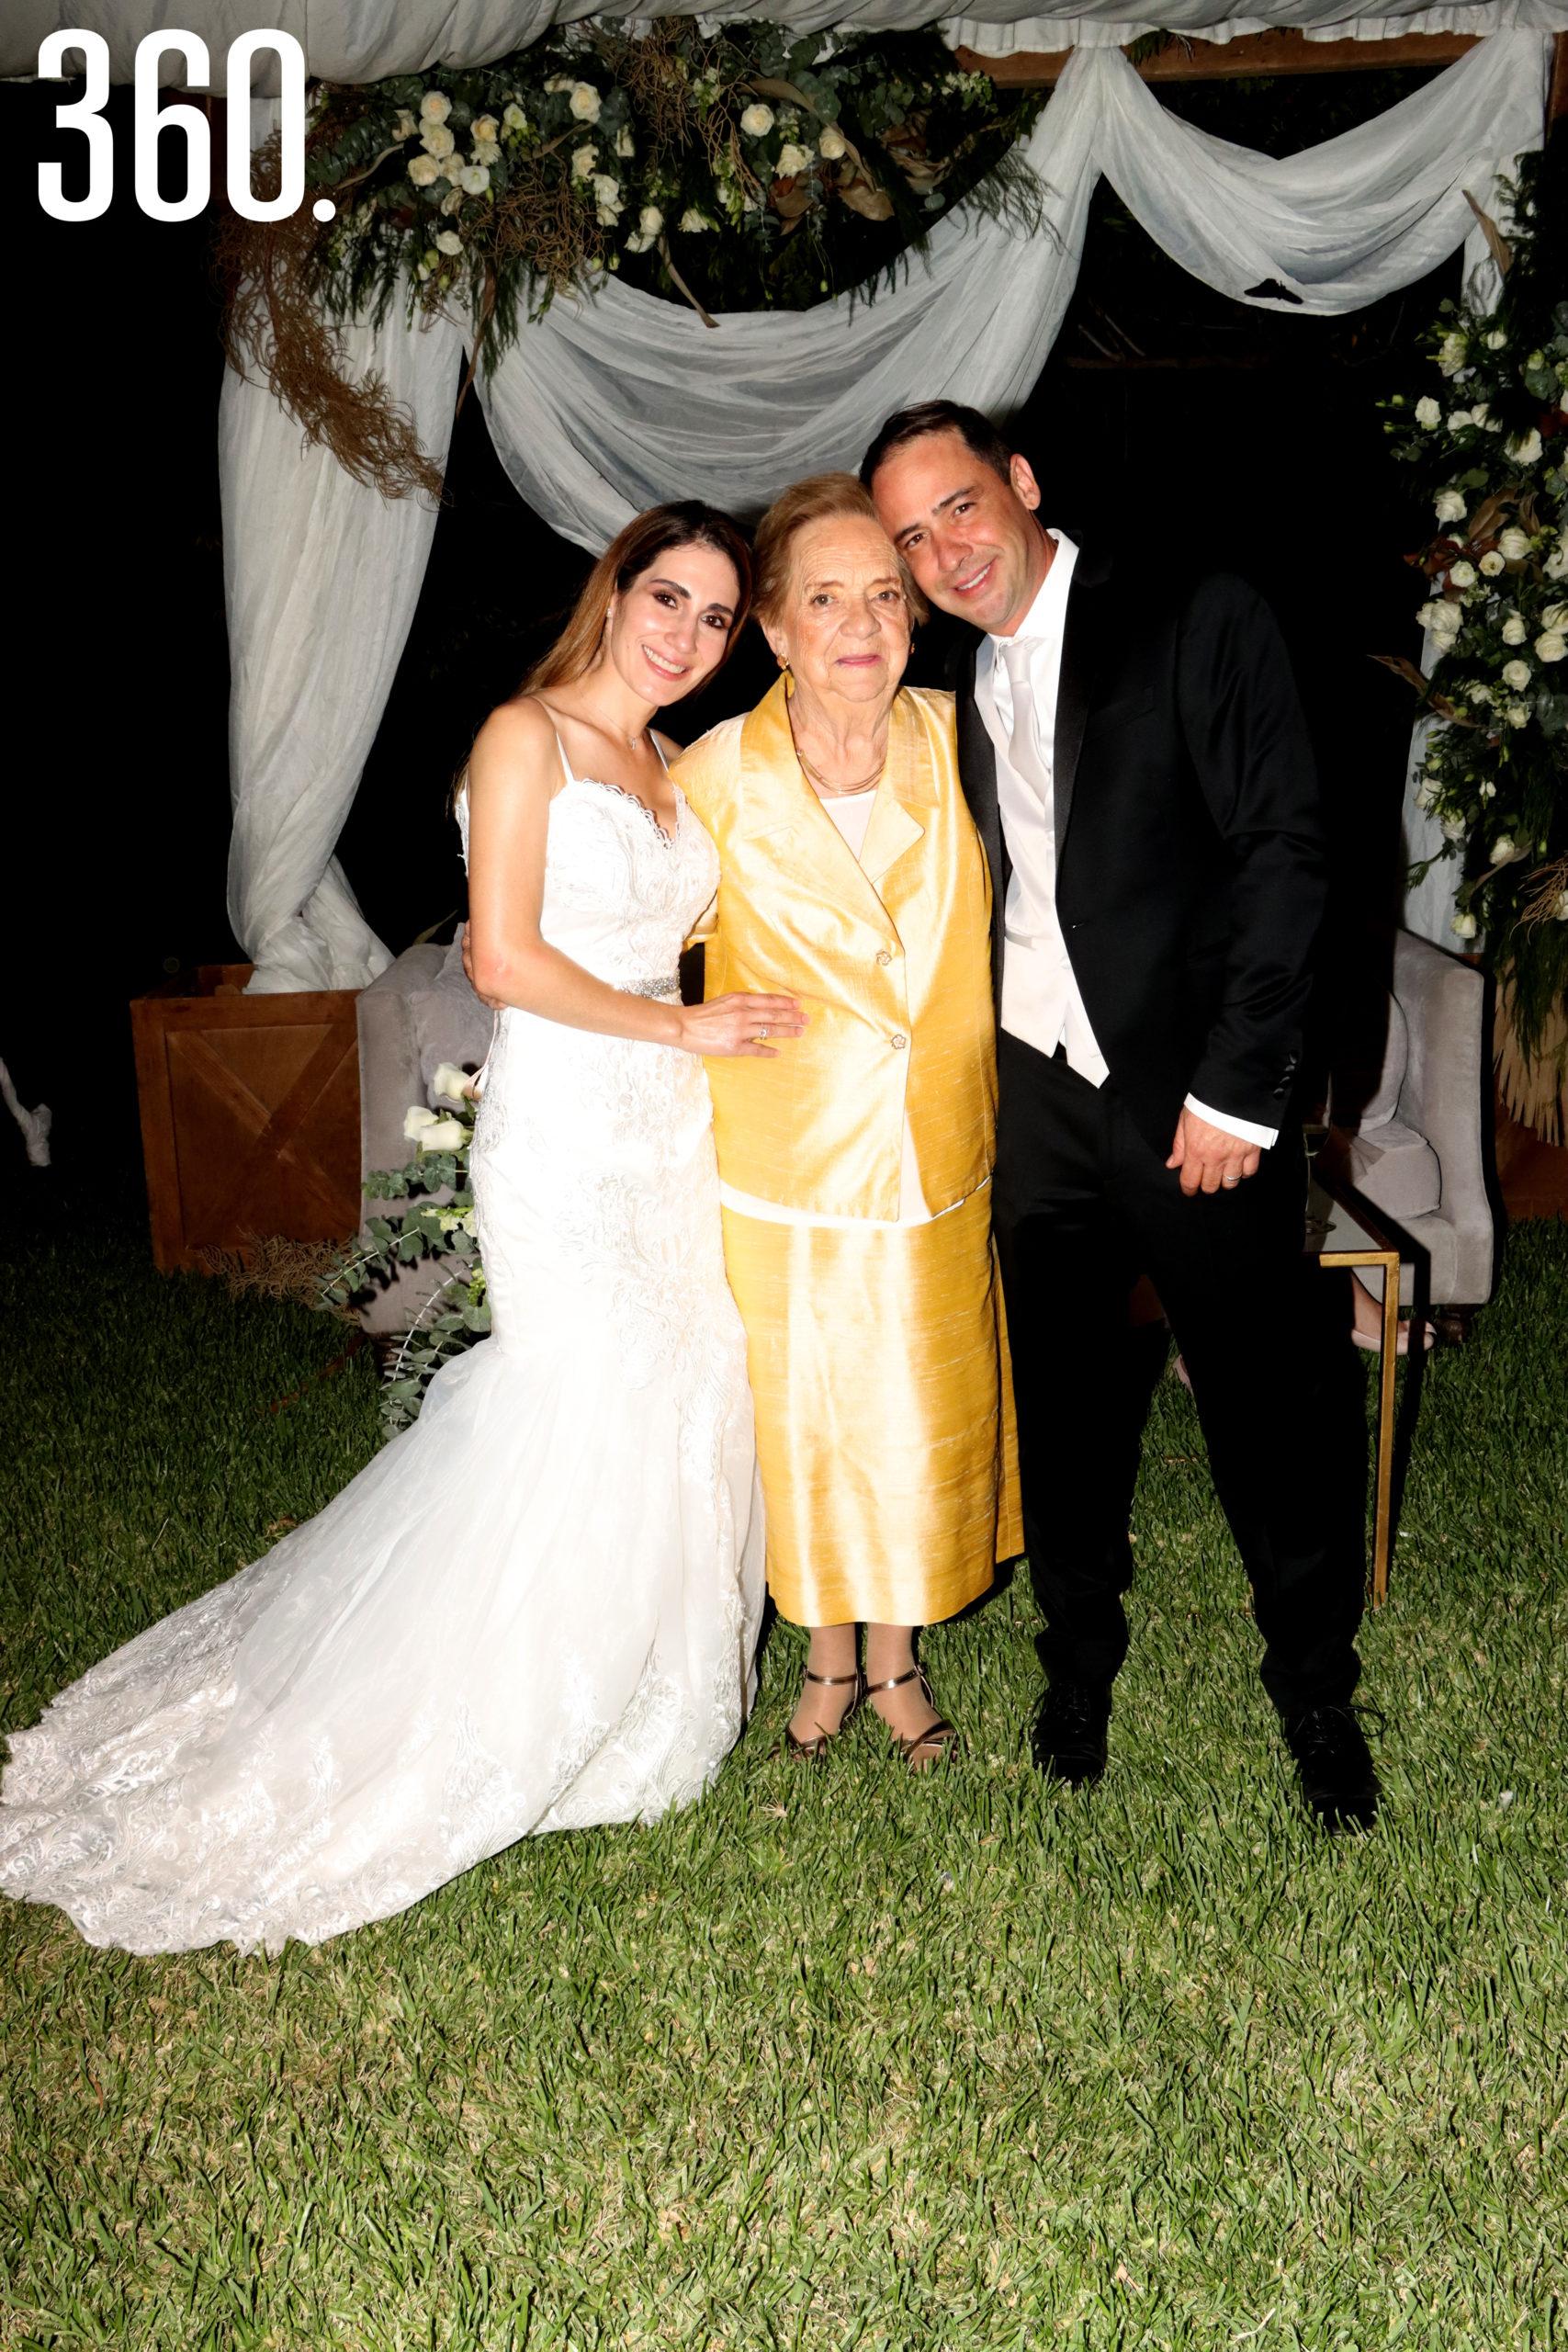 María Cristina López Malacara acompaño a María Alejandra y Jorge en su boda.